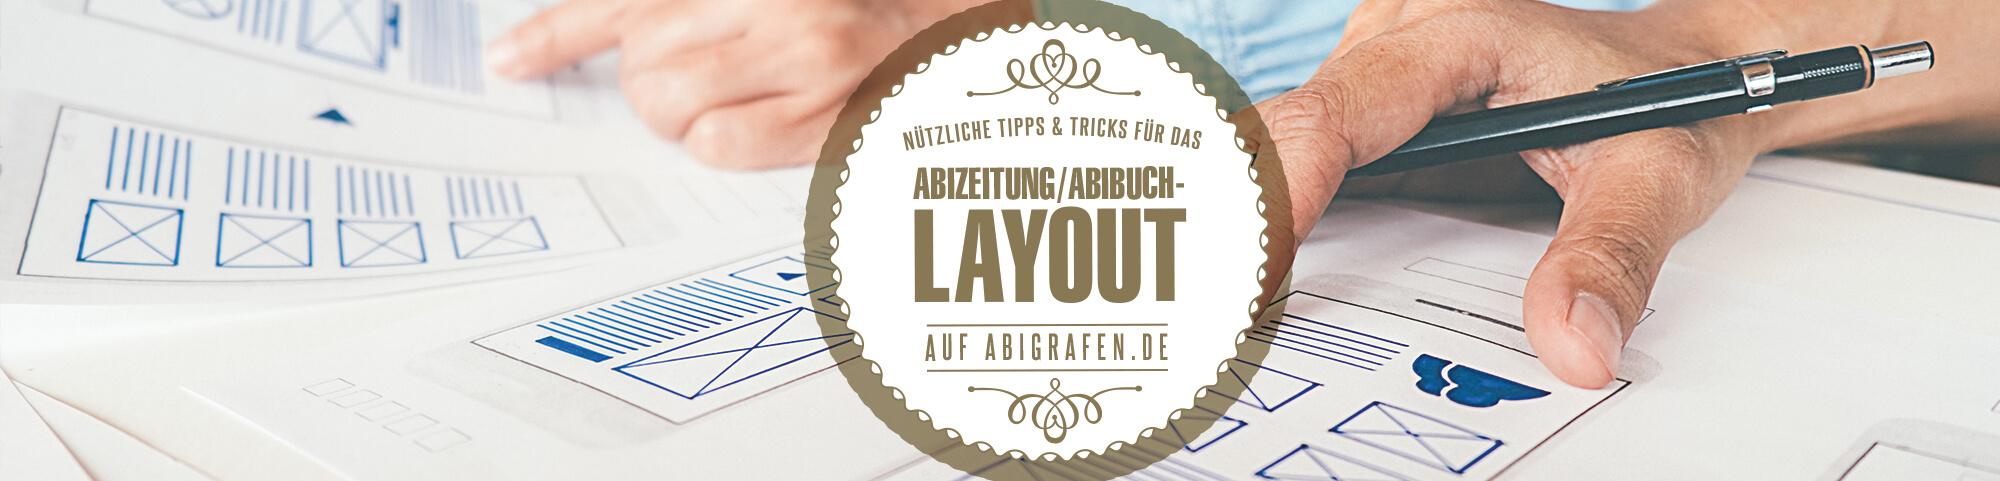 Abizeitung/Abibuch Layout: Übersicht all unserer Vorlagen, Anleitungen, Tipps und Ideen rund um die Gestaltung